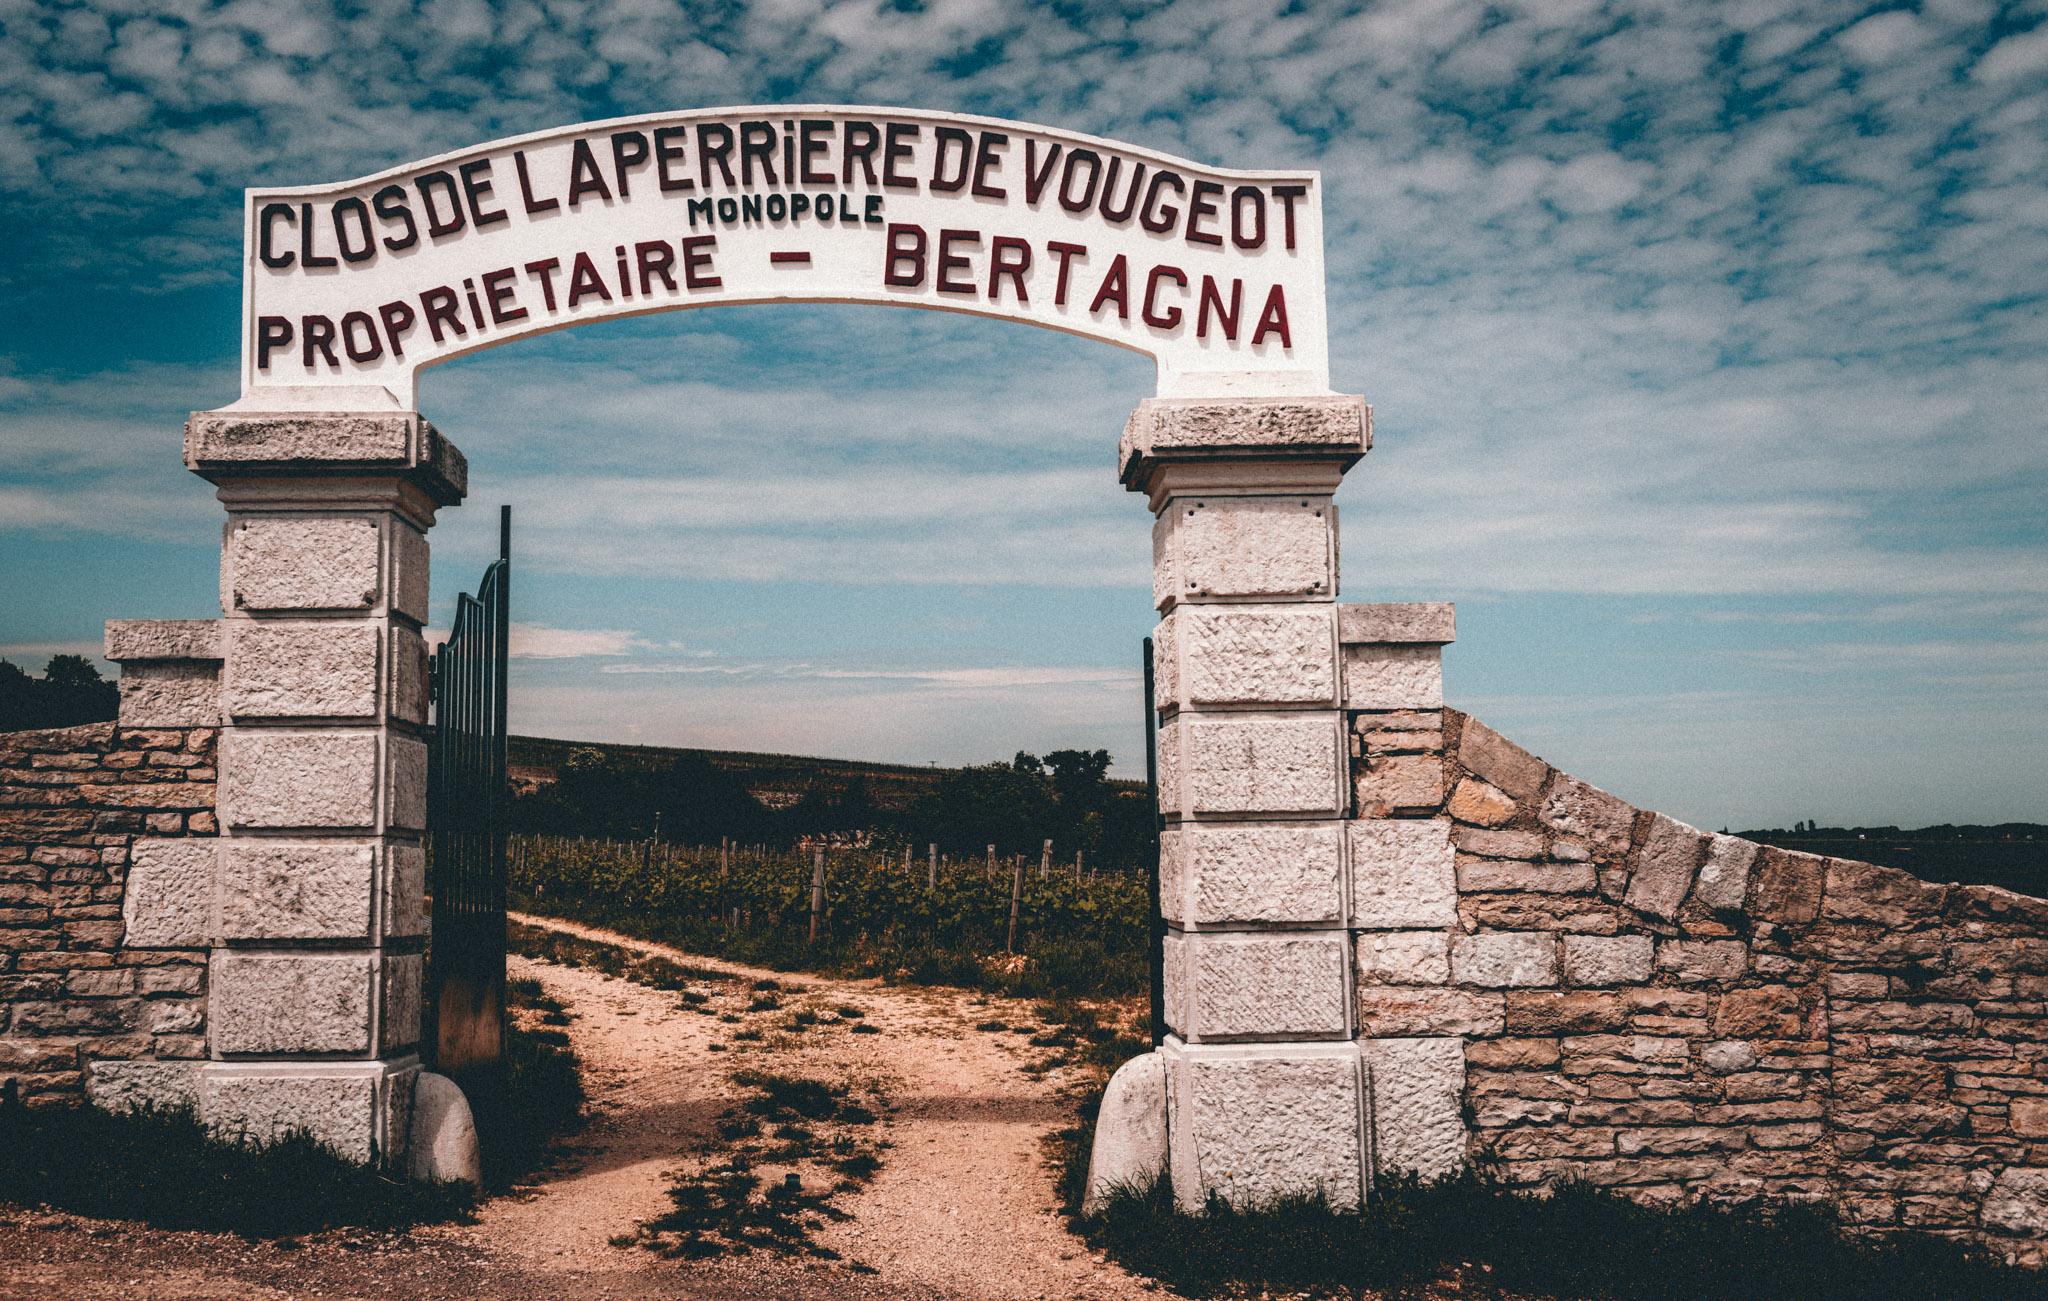 Burgundy : Cote de Nuits : Vougeot : Clos de la Perriere de Vougeot